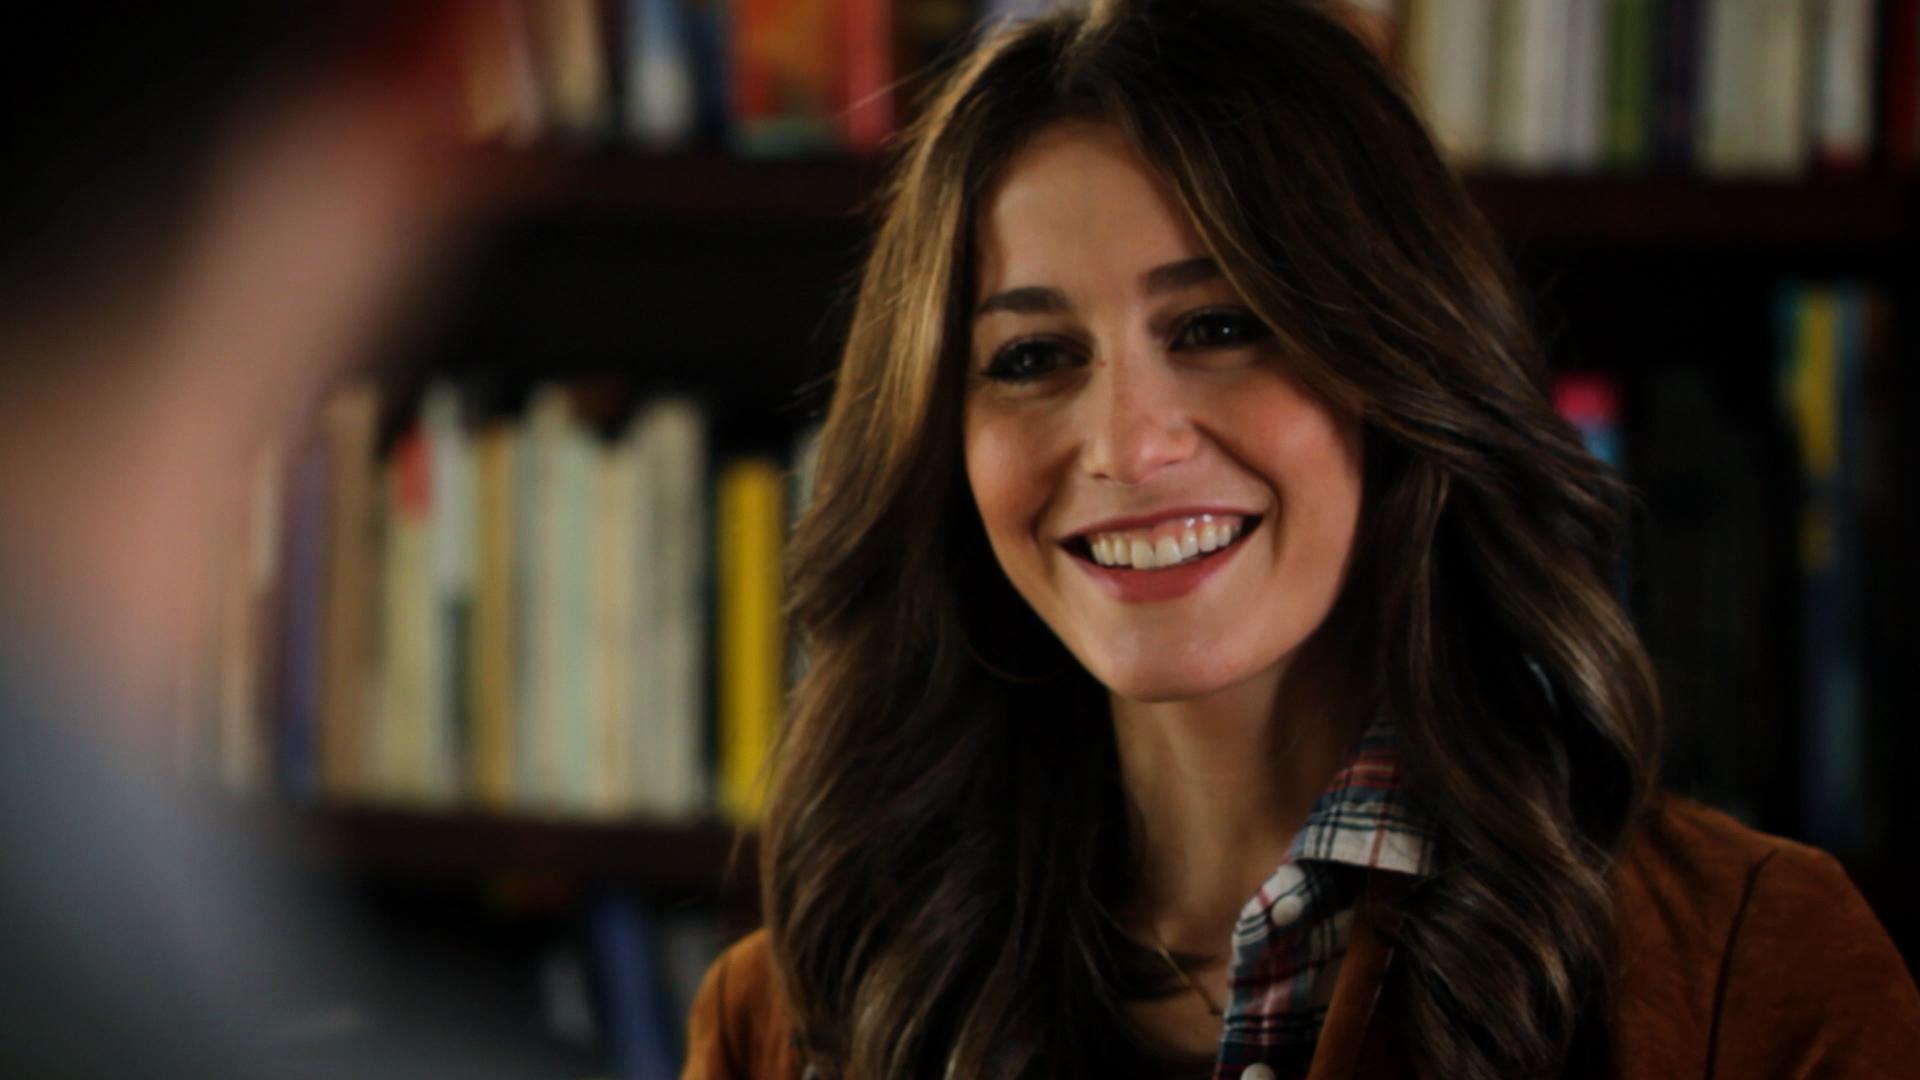 Kat Smiling.jpg